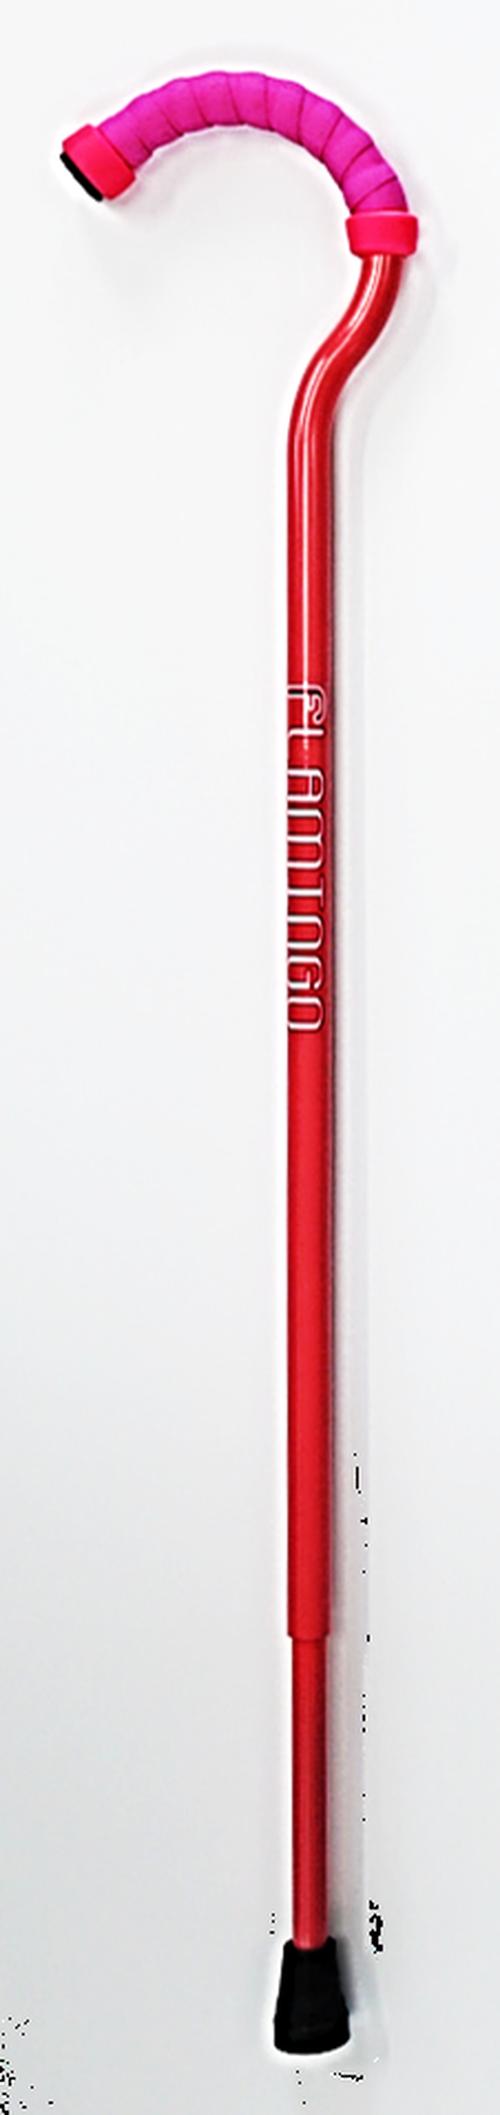 杖『FLAMINGO(フラミンゴ)』 フラミンゴピンク